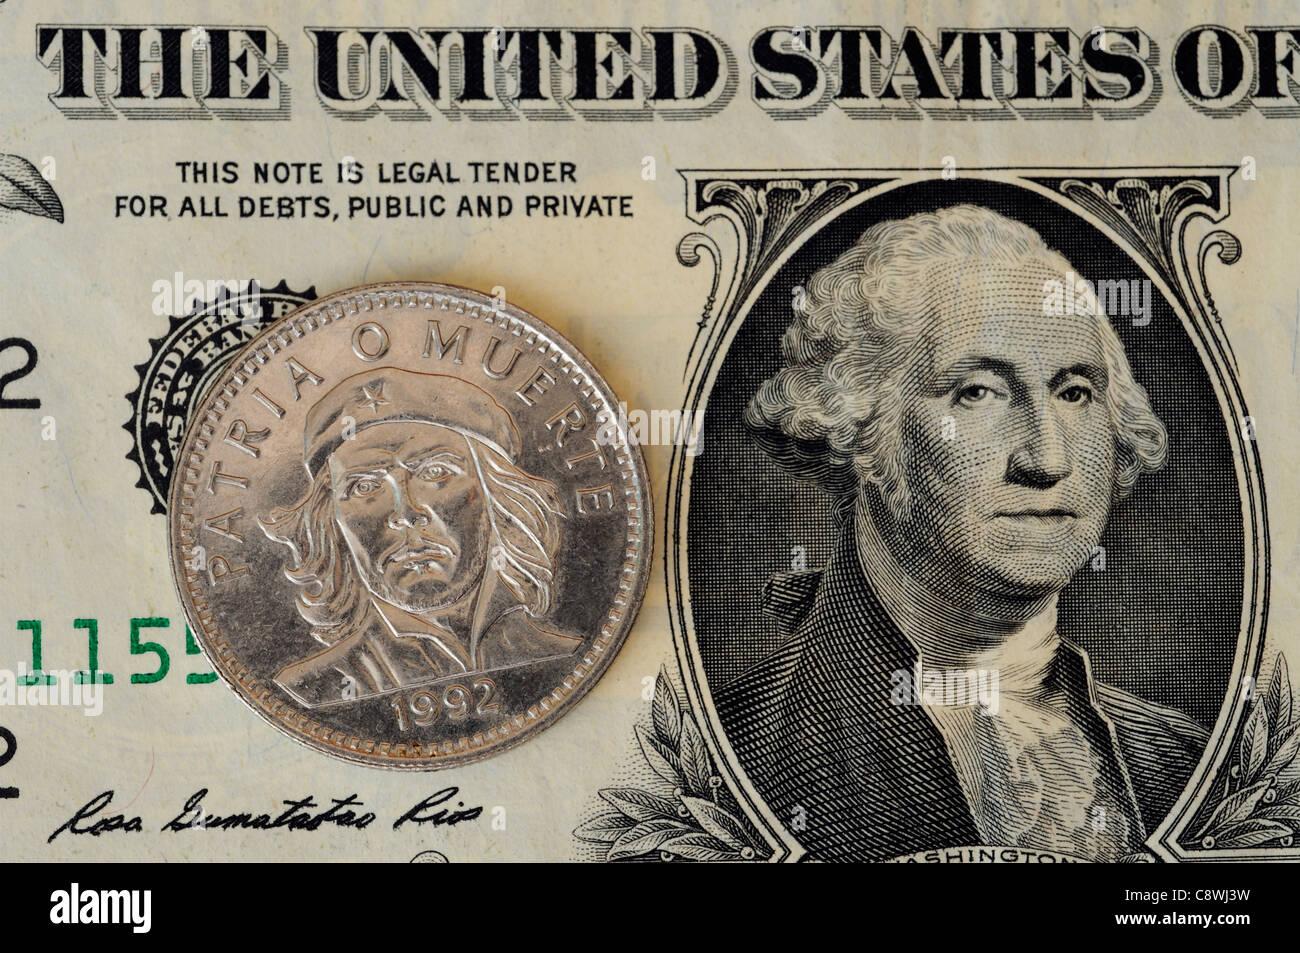 Eine kubanische Münze mit dem Porträt von Che Guevara und einem amerikanischen Dollarschein Stockbild